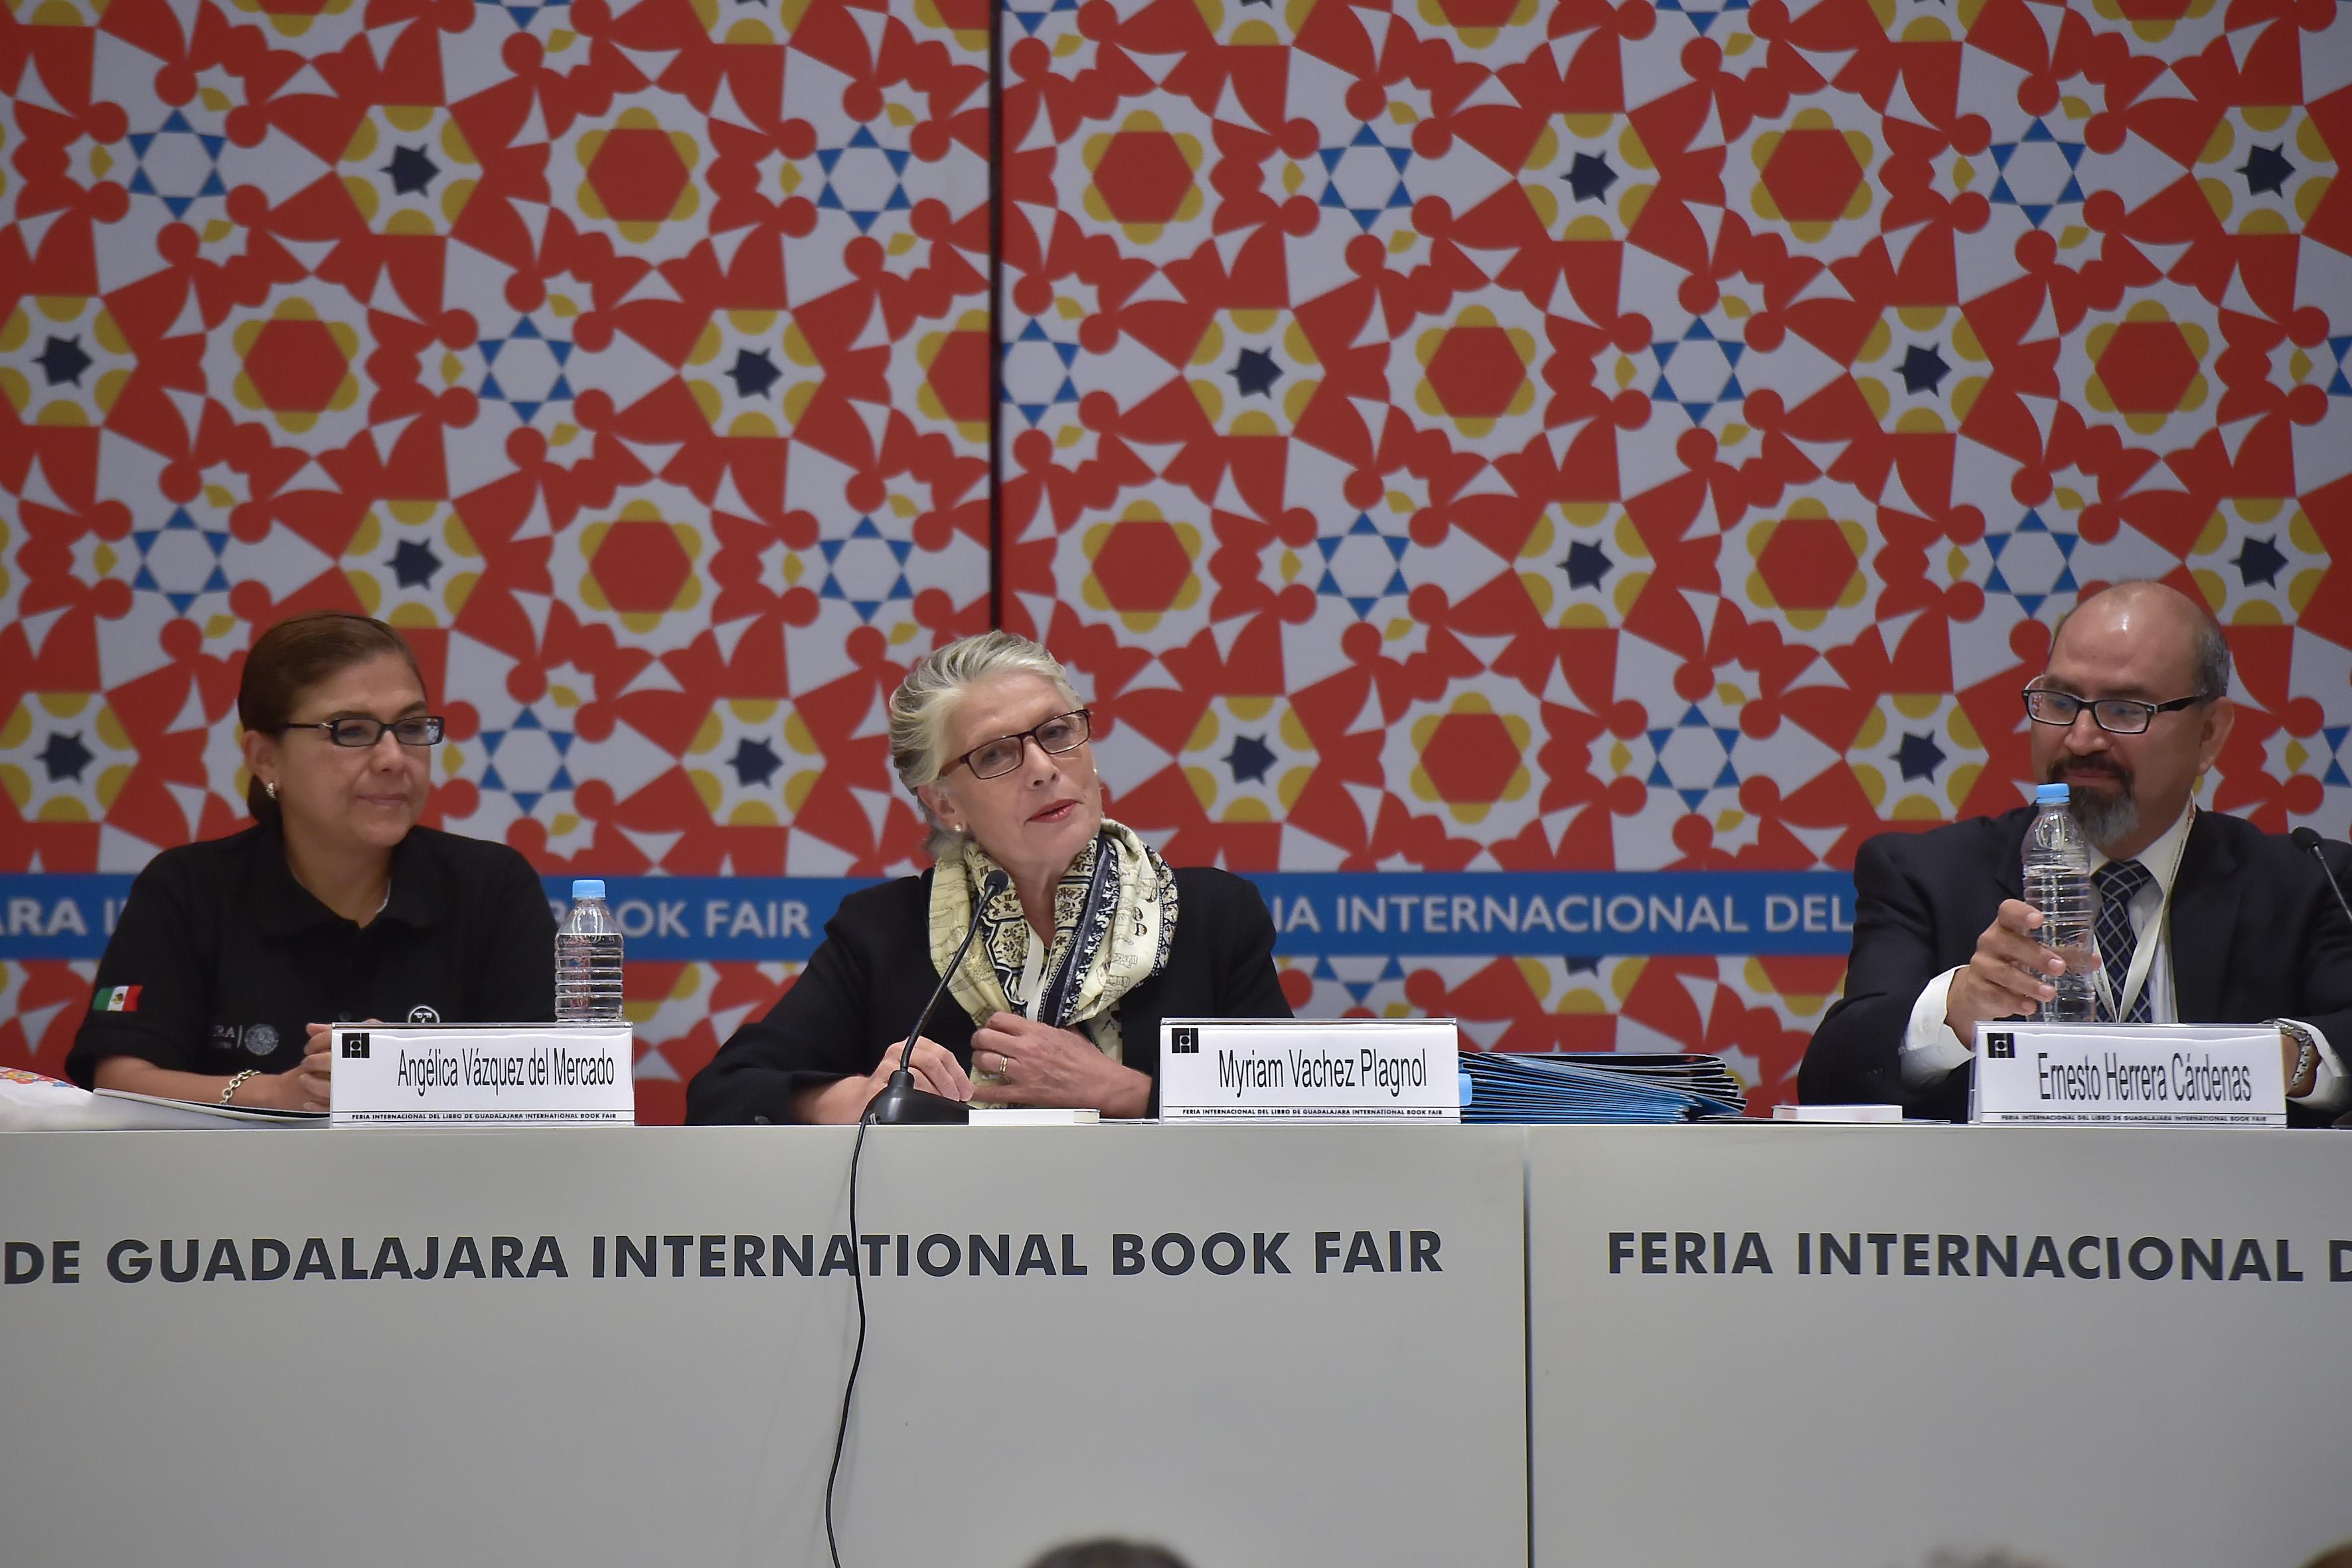 Doctora Myriam Vachez Plagnol, secretaria de Cultura de Jalisco, con micrófono en mesa del panel, haciendo uso de la palabra.